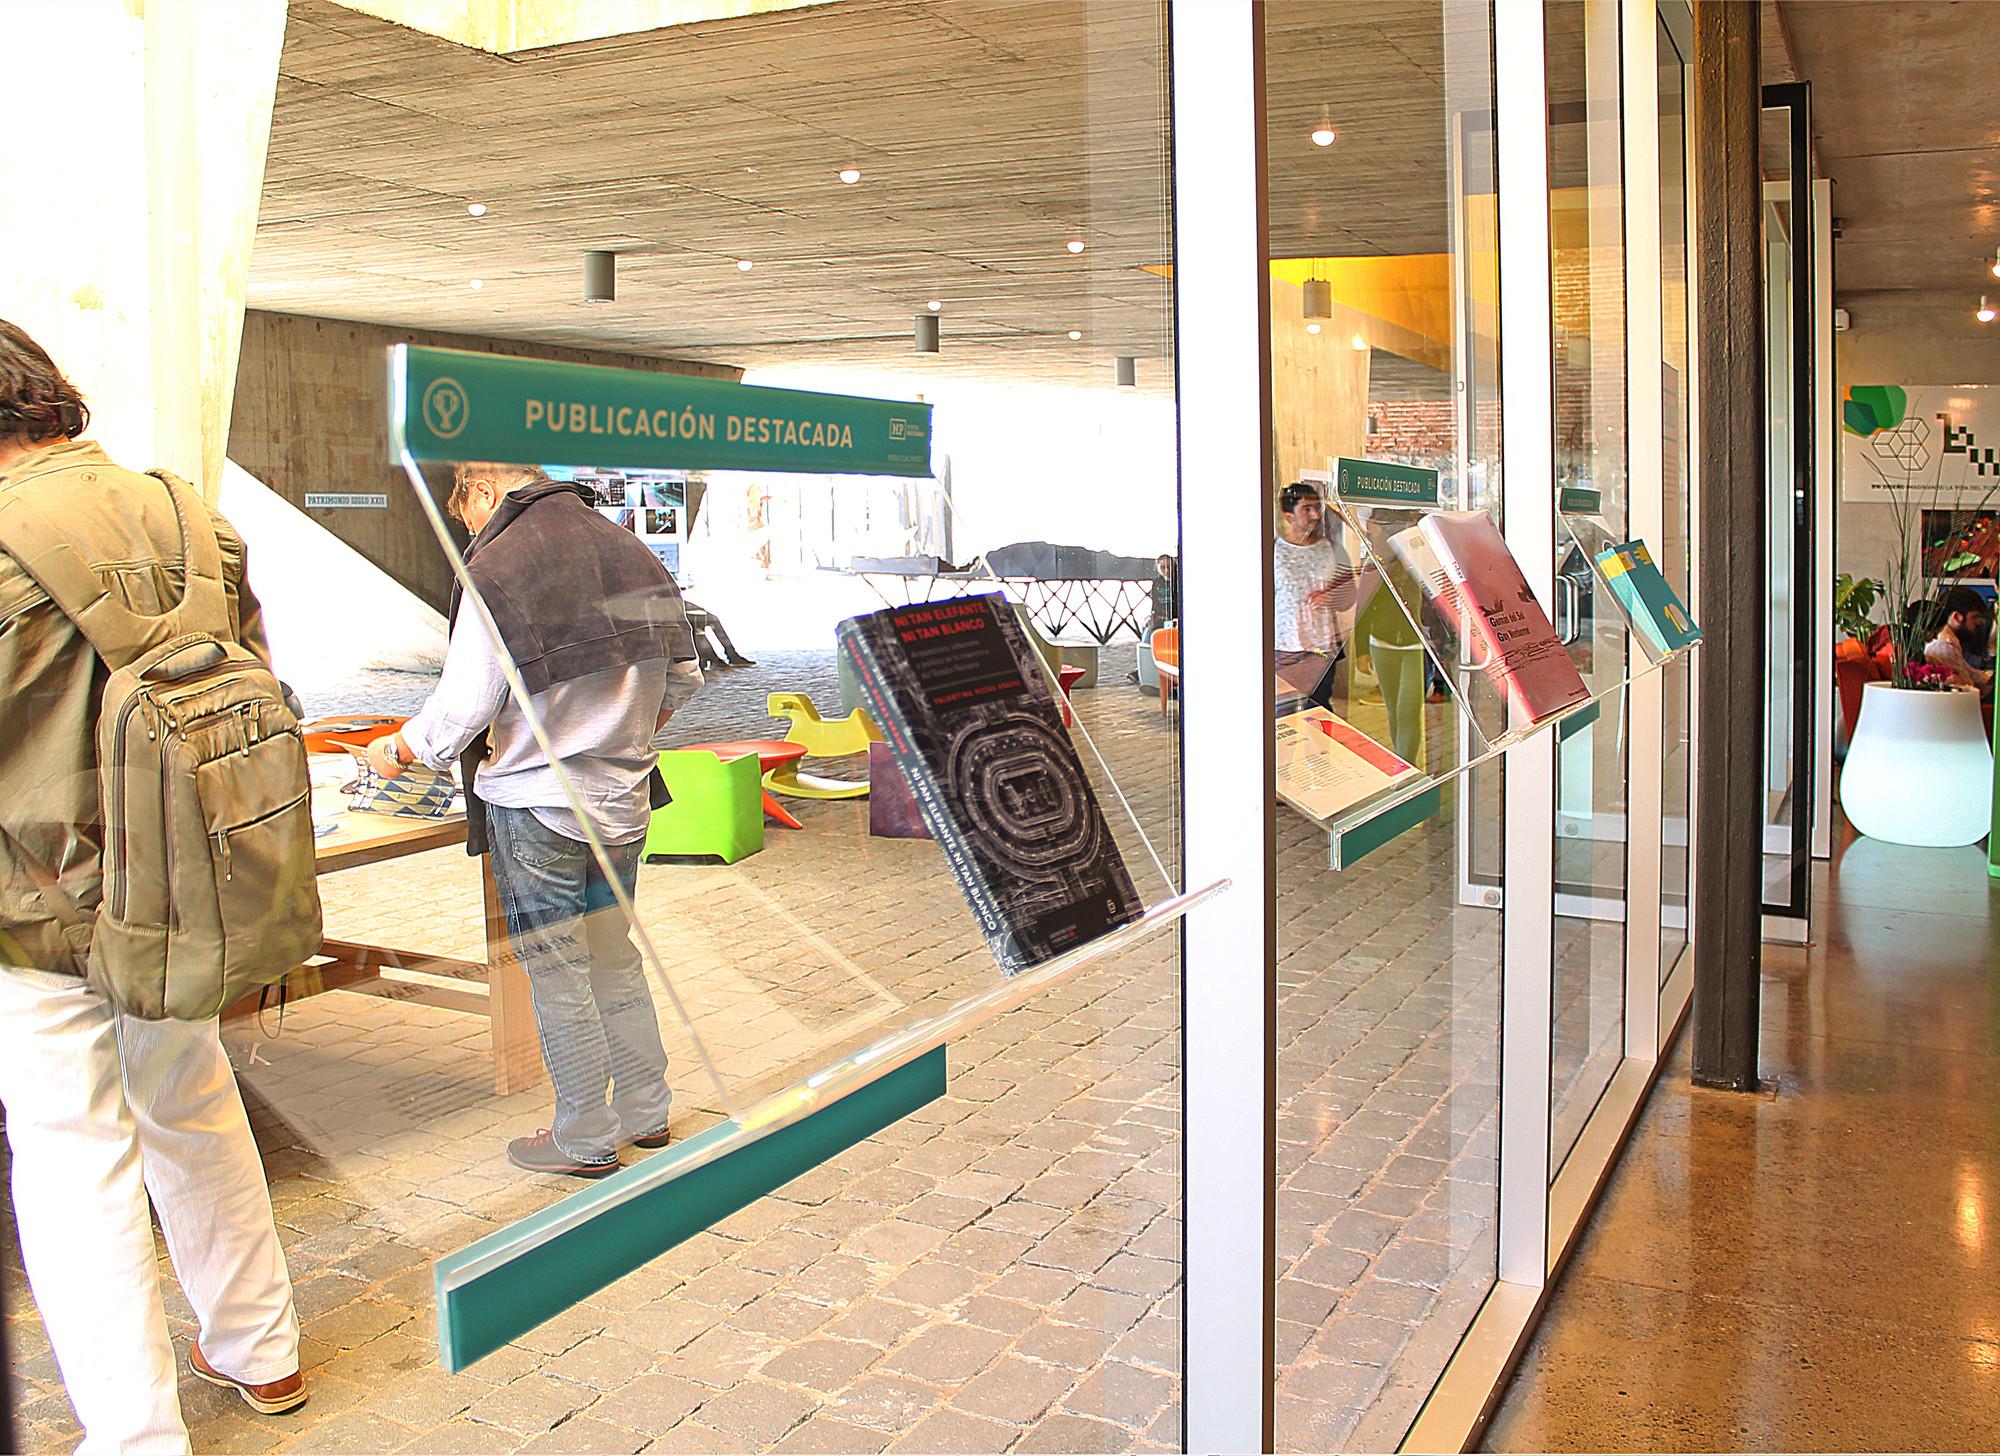 Muestra de publicaciones en XIX Bienal de Arquitectura y Urbanismo. Image Cortesia de paulamonroy